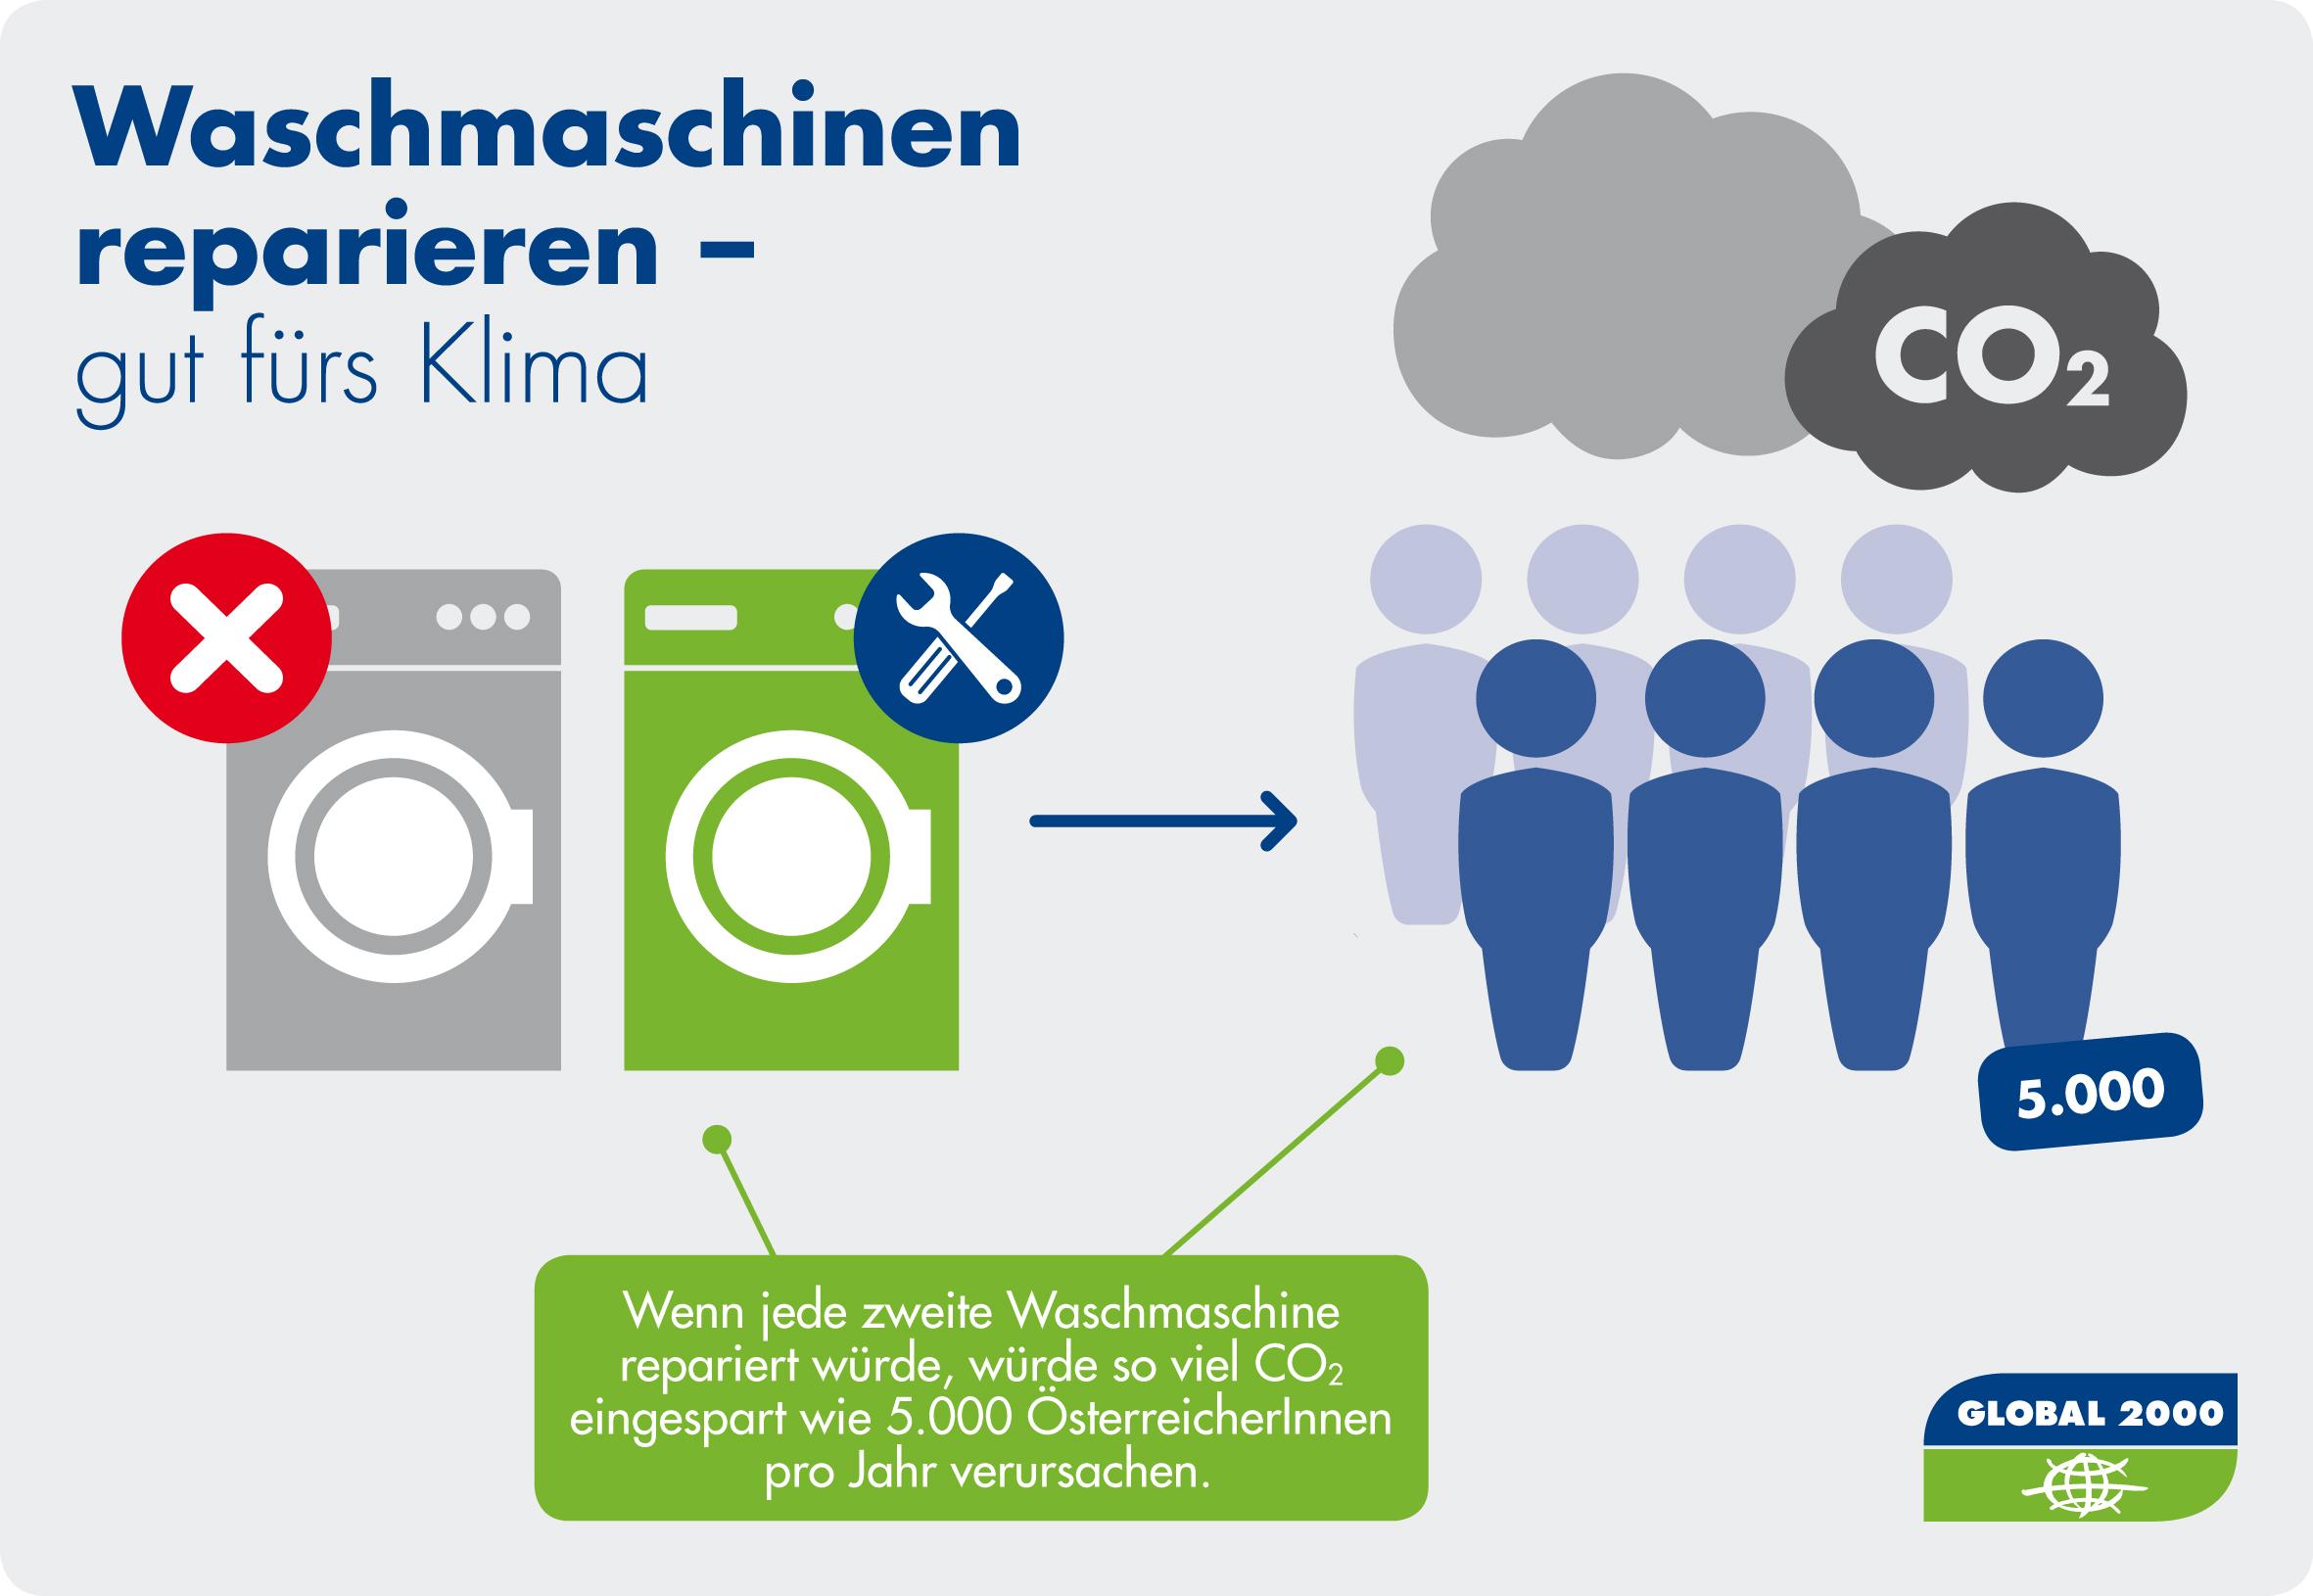 Grafik: Was wäre, wenn jede zweite Waschmaschine repariert statt entsorgt werden würde?